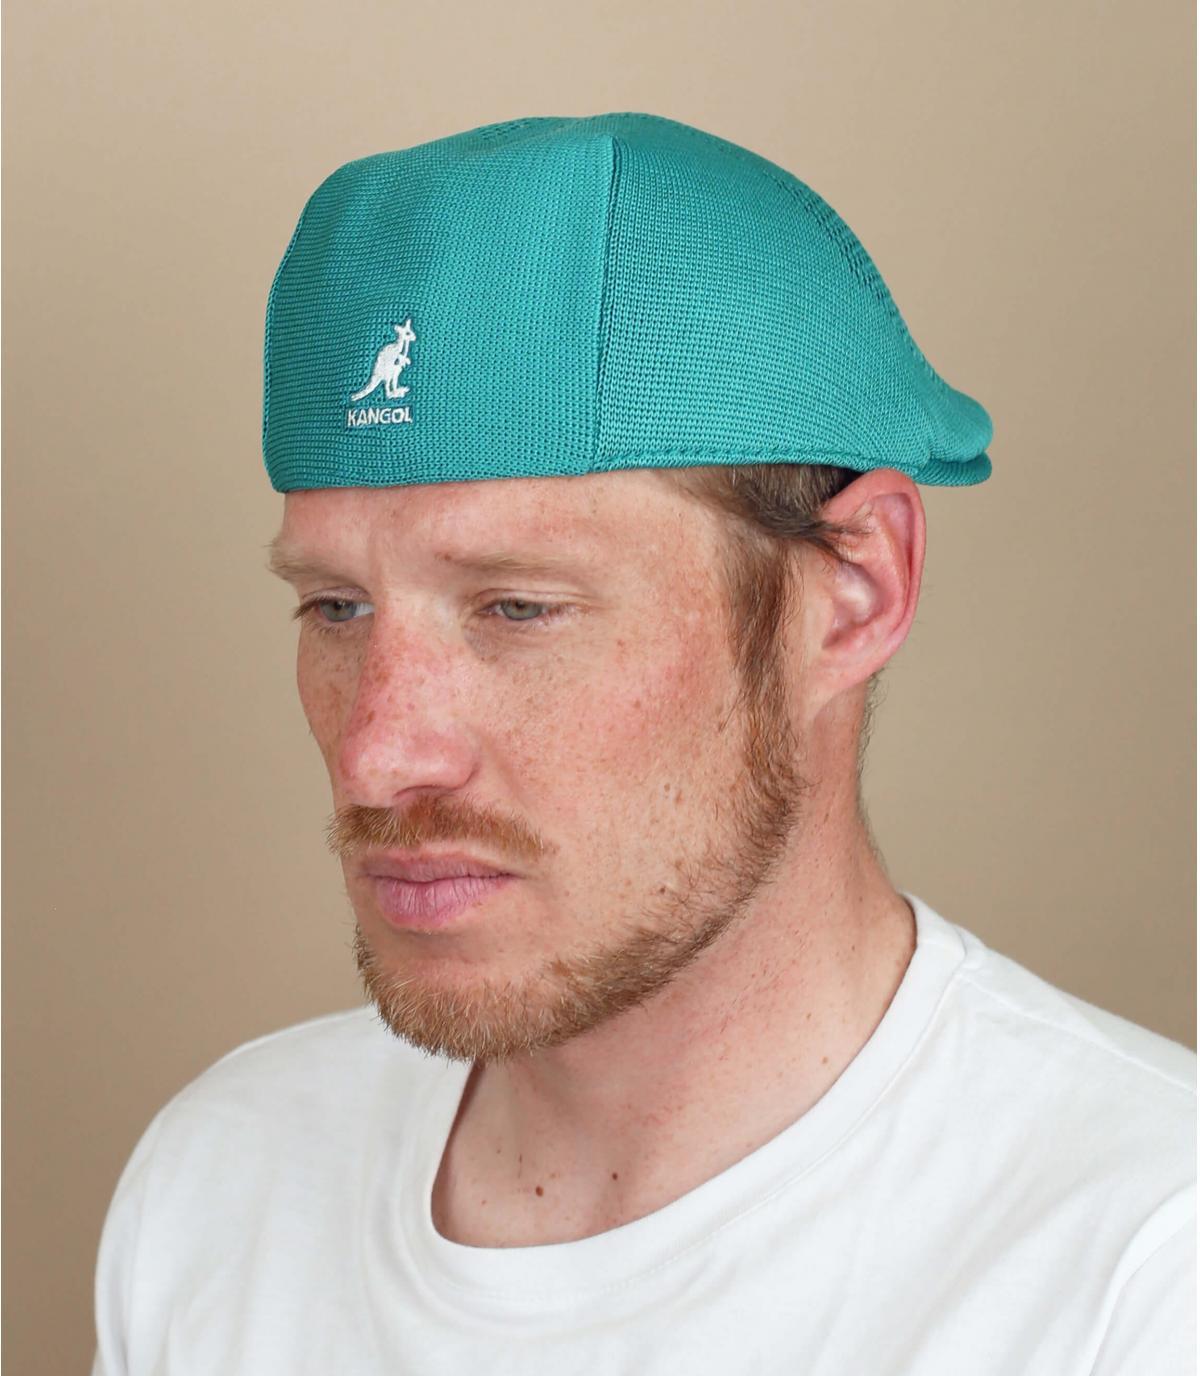 berretto blu ventilato Kangol